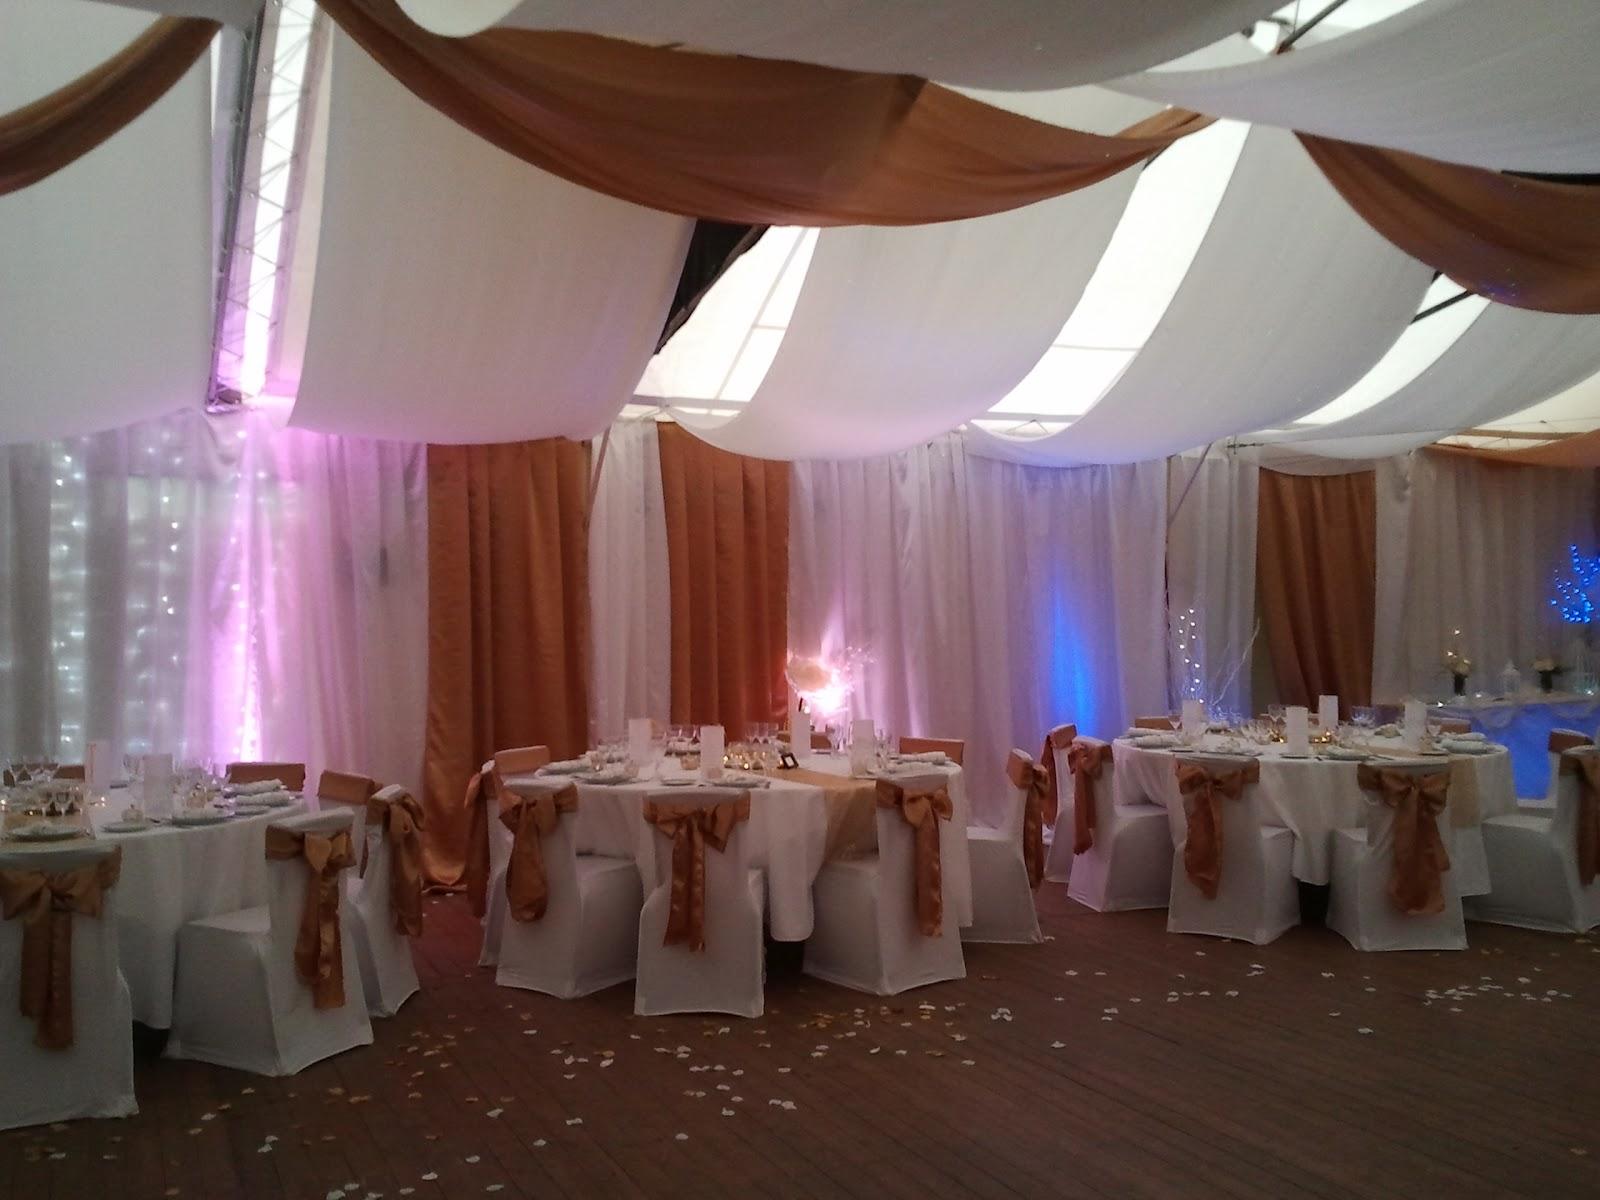 decoration pour salle mariage fete reception janvier 2011. Black Bedroom Furniture Sets. Home Design Ideas